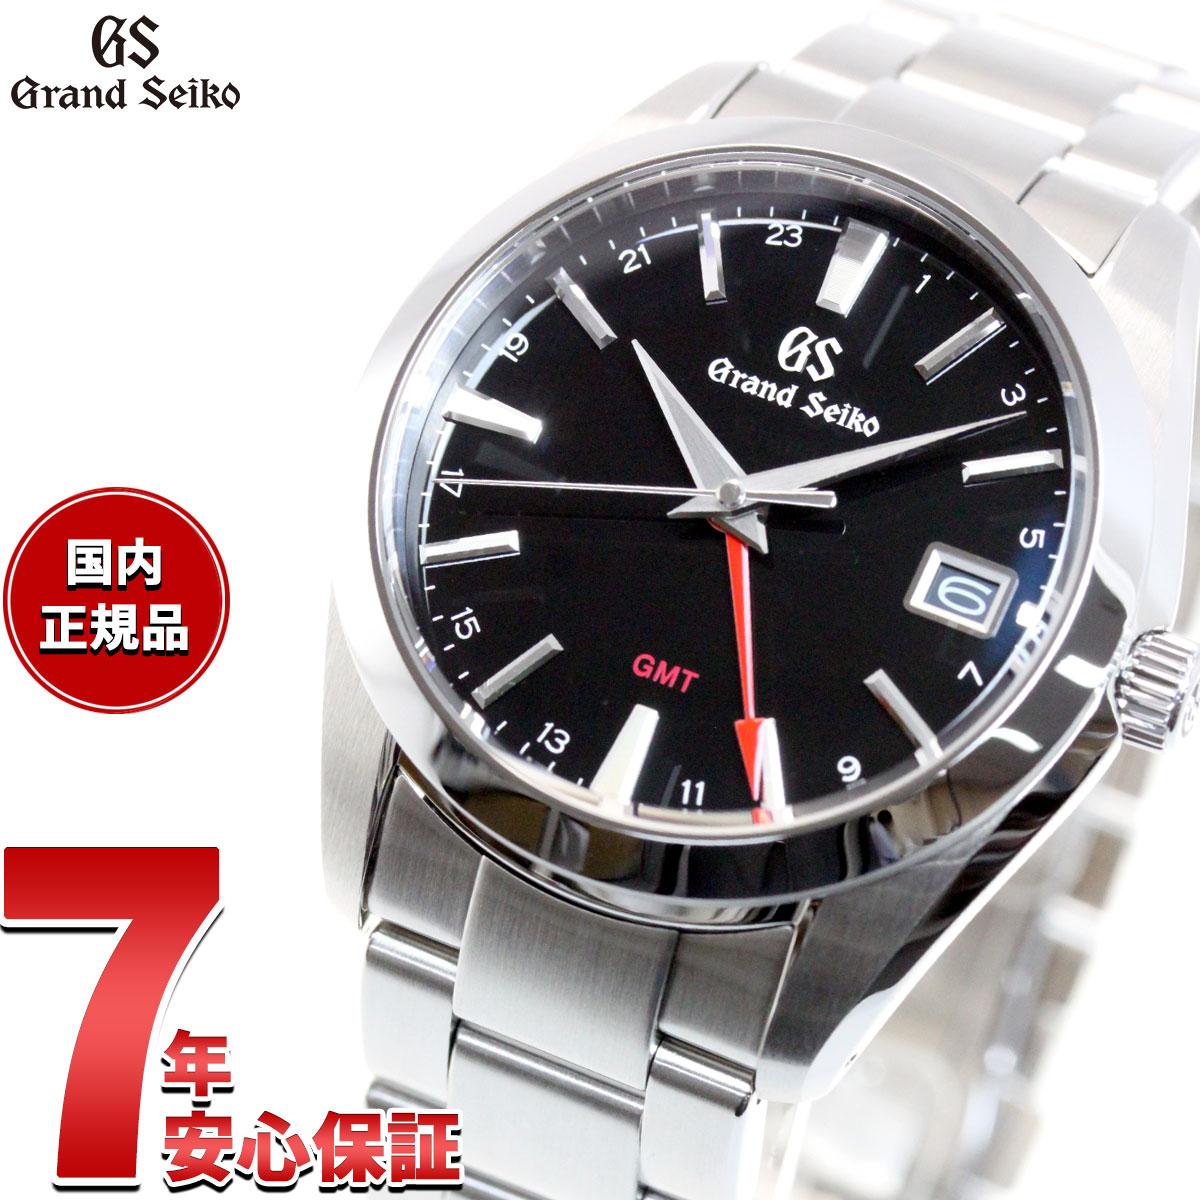 腕時計, メンズ腕時計 23202000OFF54.5 GRAND SEIKO SBGN0132020